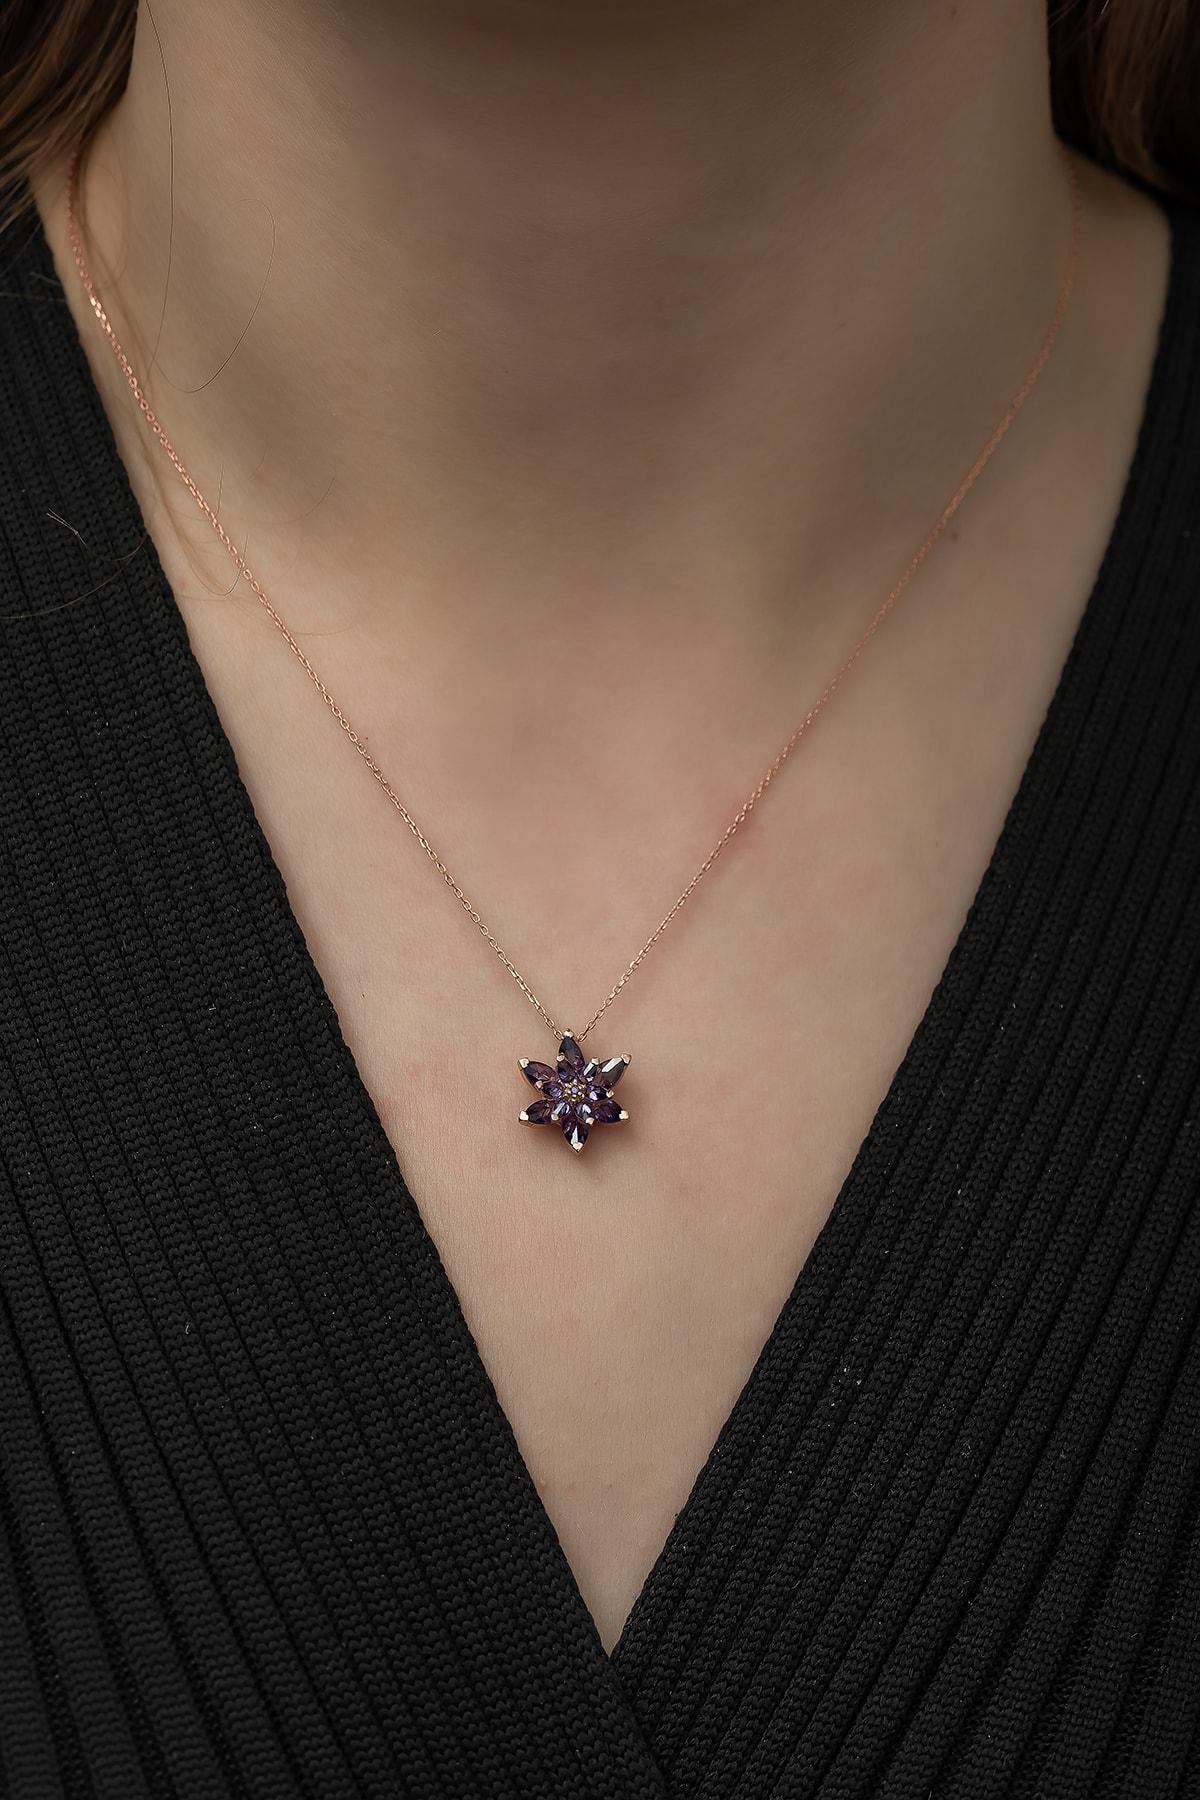 Nereze Kadın 925 Ayar Mor Lotus Çiçeği Gümüş Kolye 2